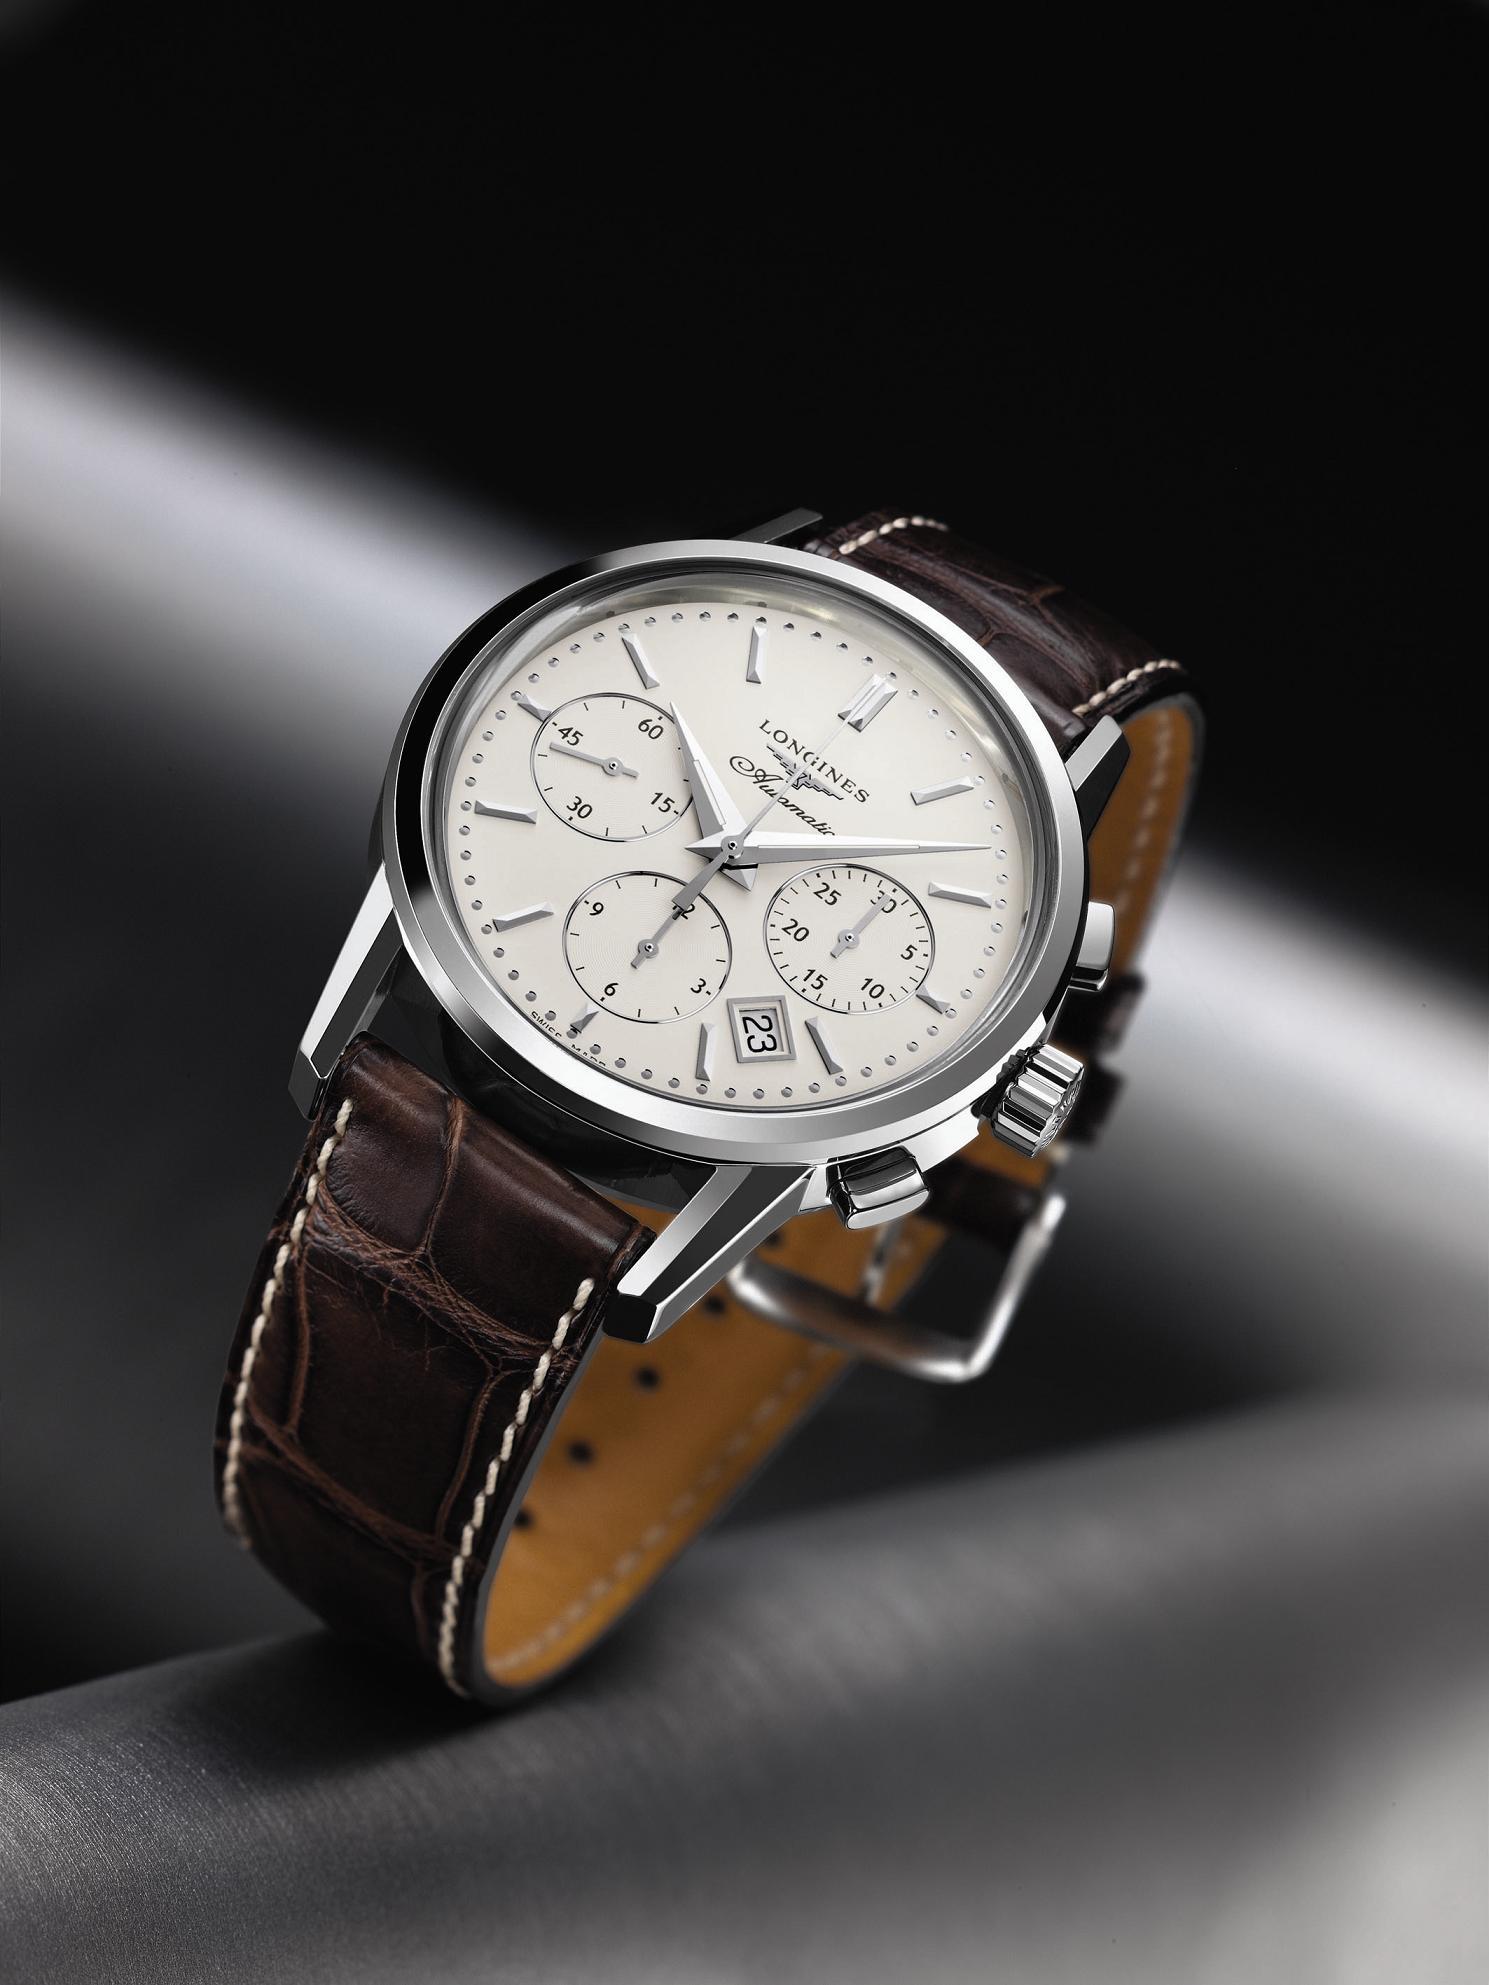 Часы Longines Аutomatic - фото, отзывы о модели, цены в СПб